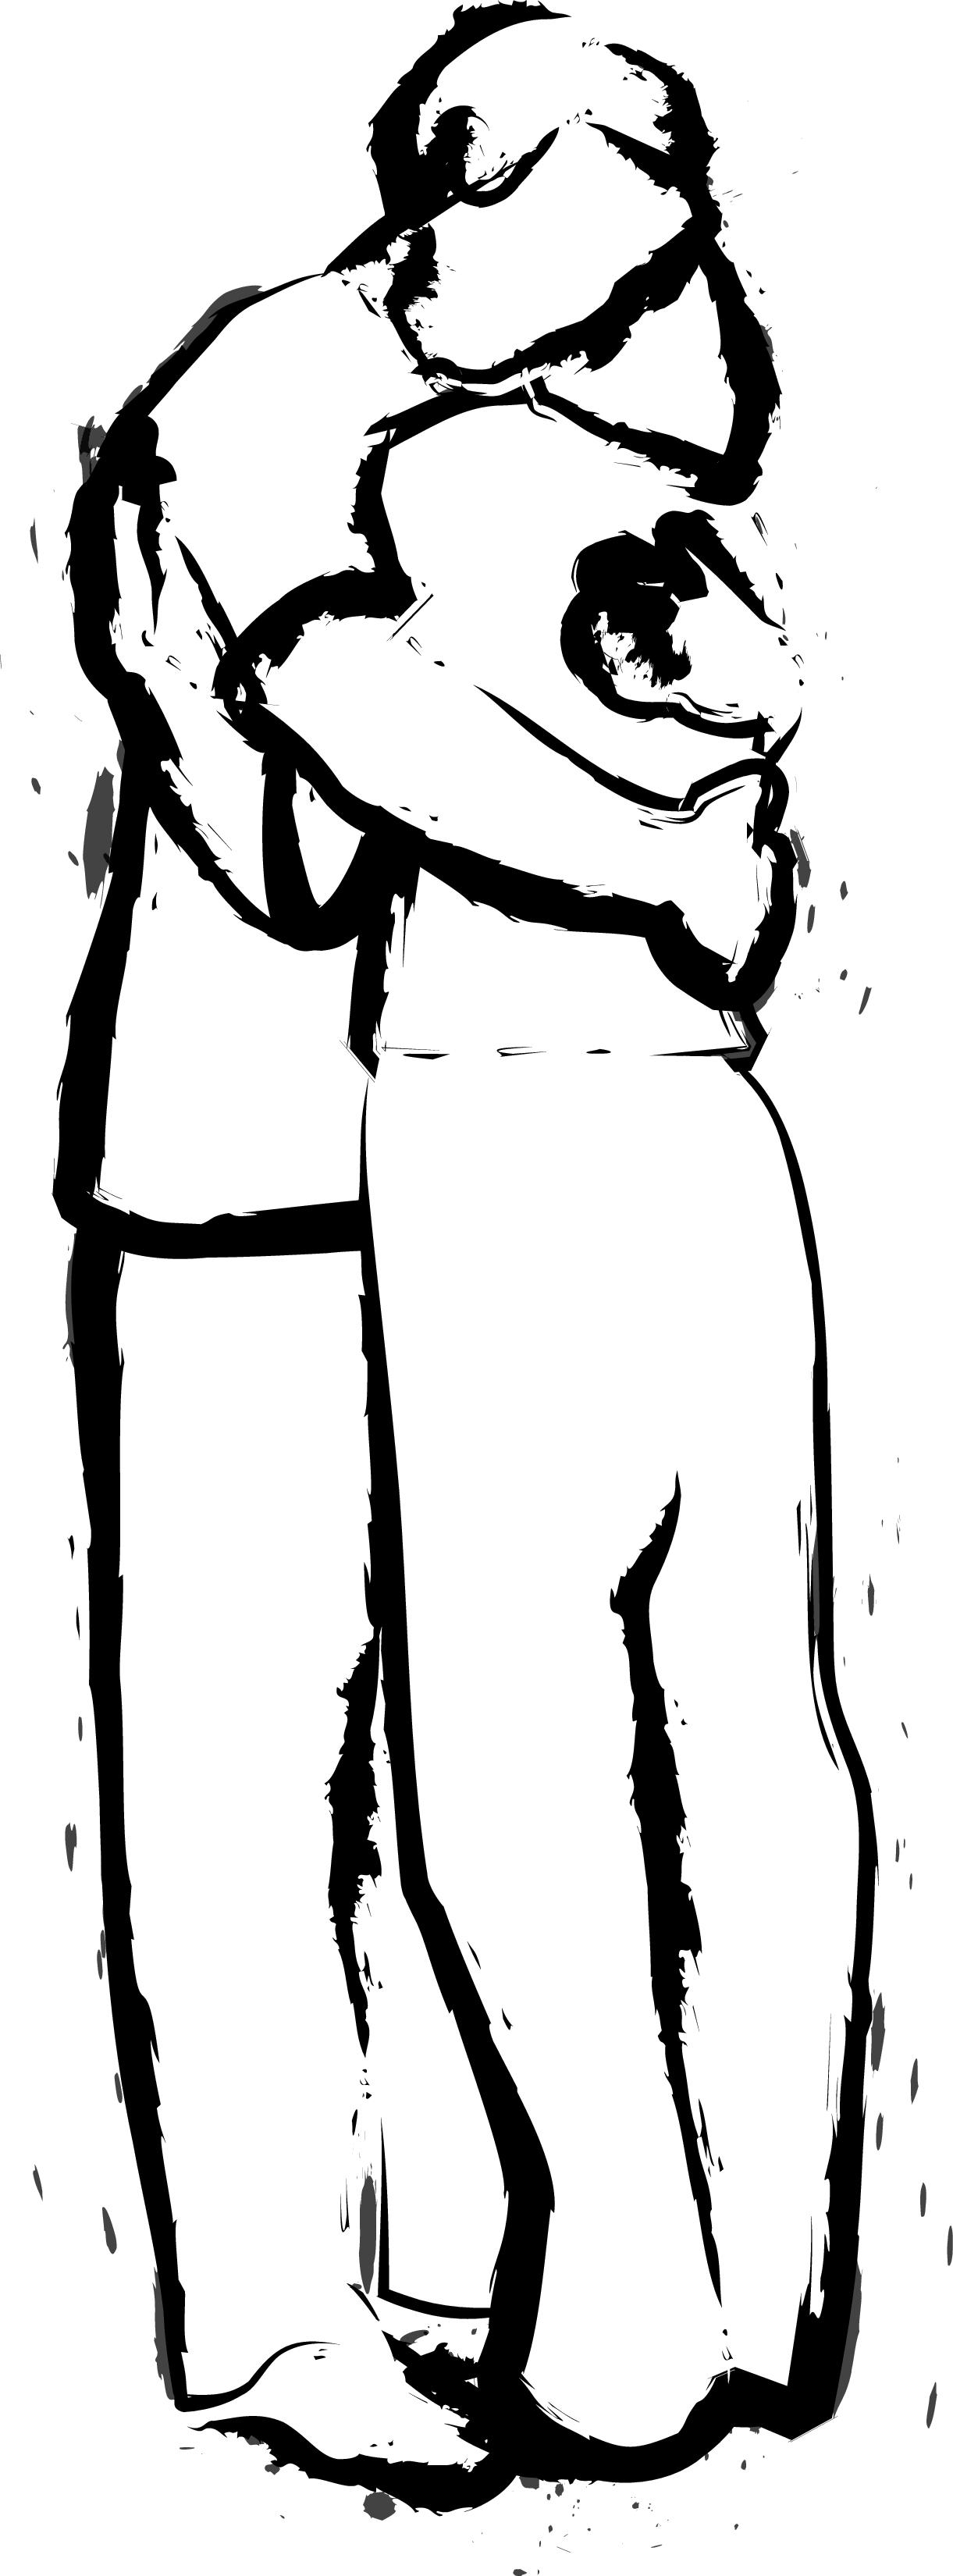 Hug Clipart.